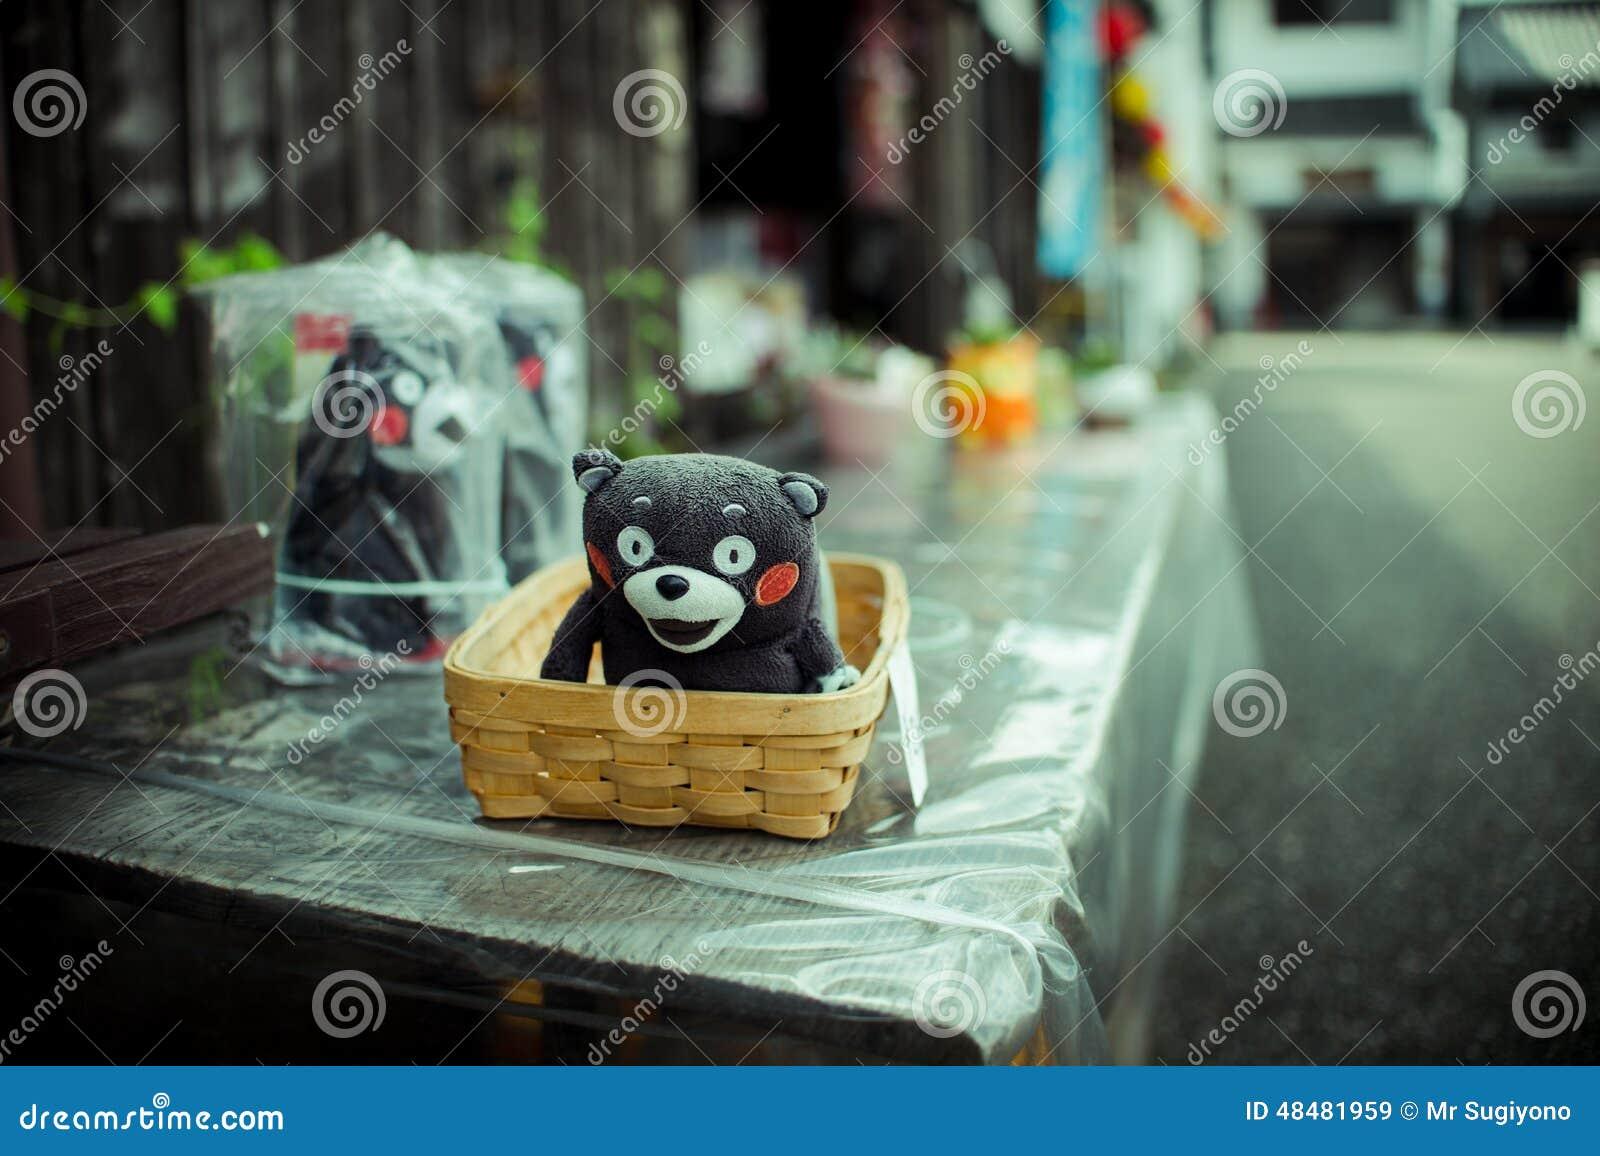 Kumamon (熊玩具)